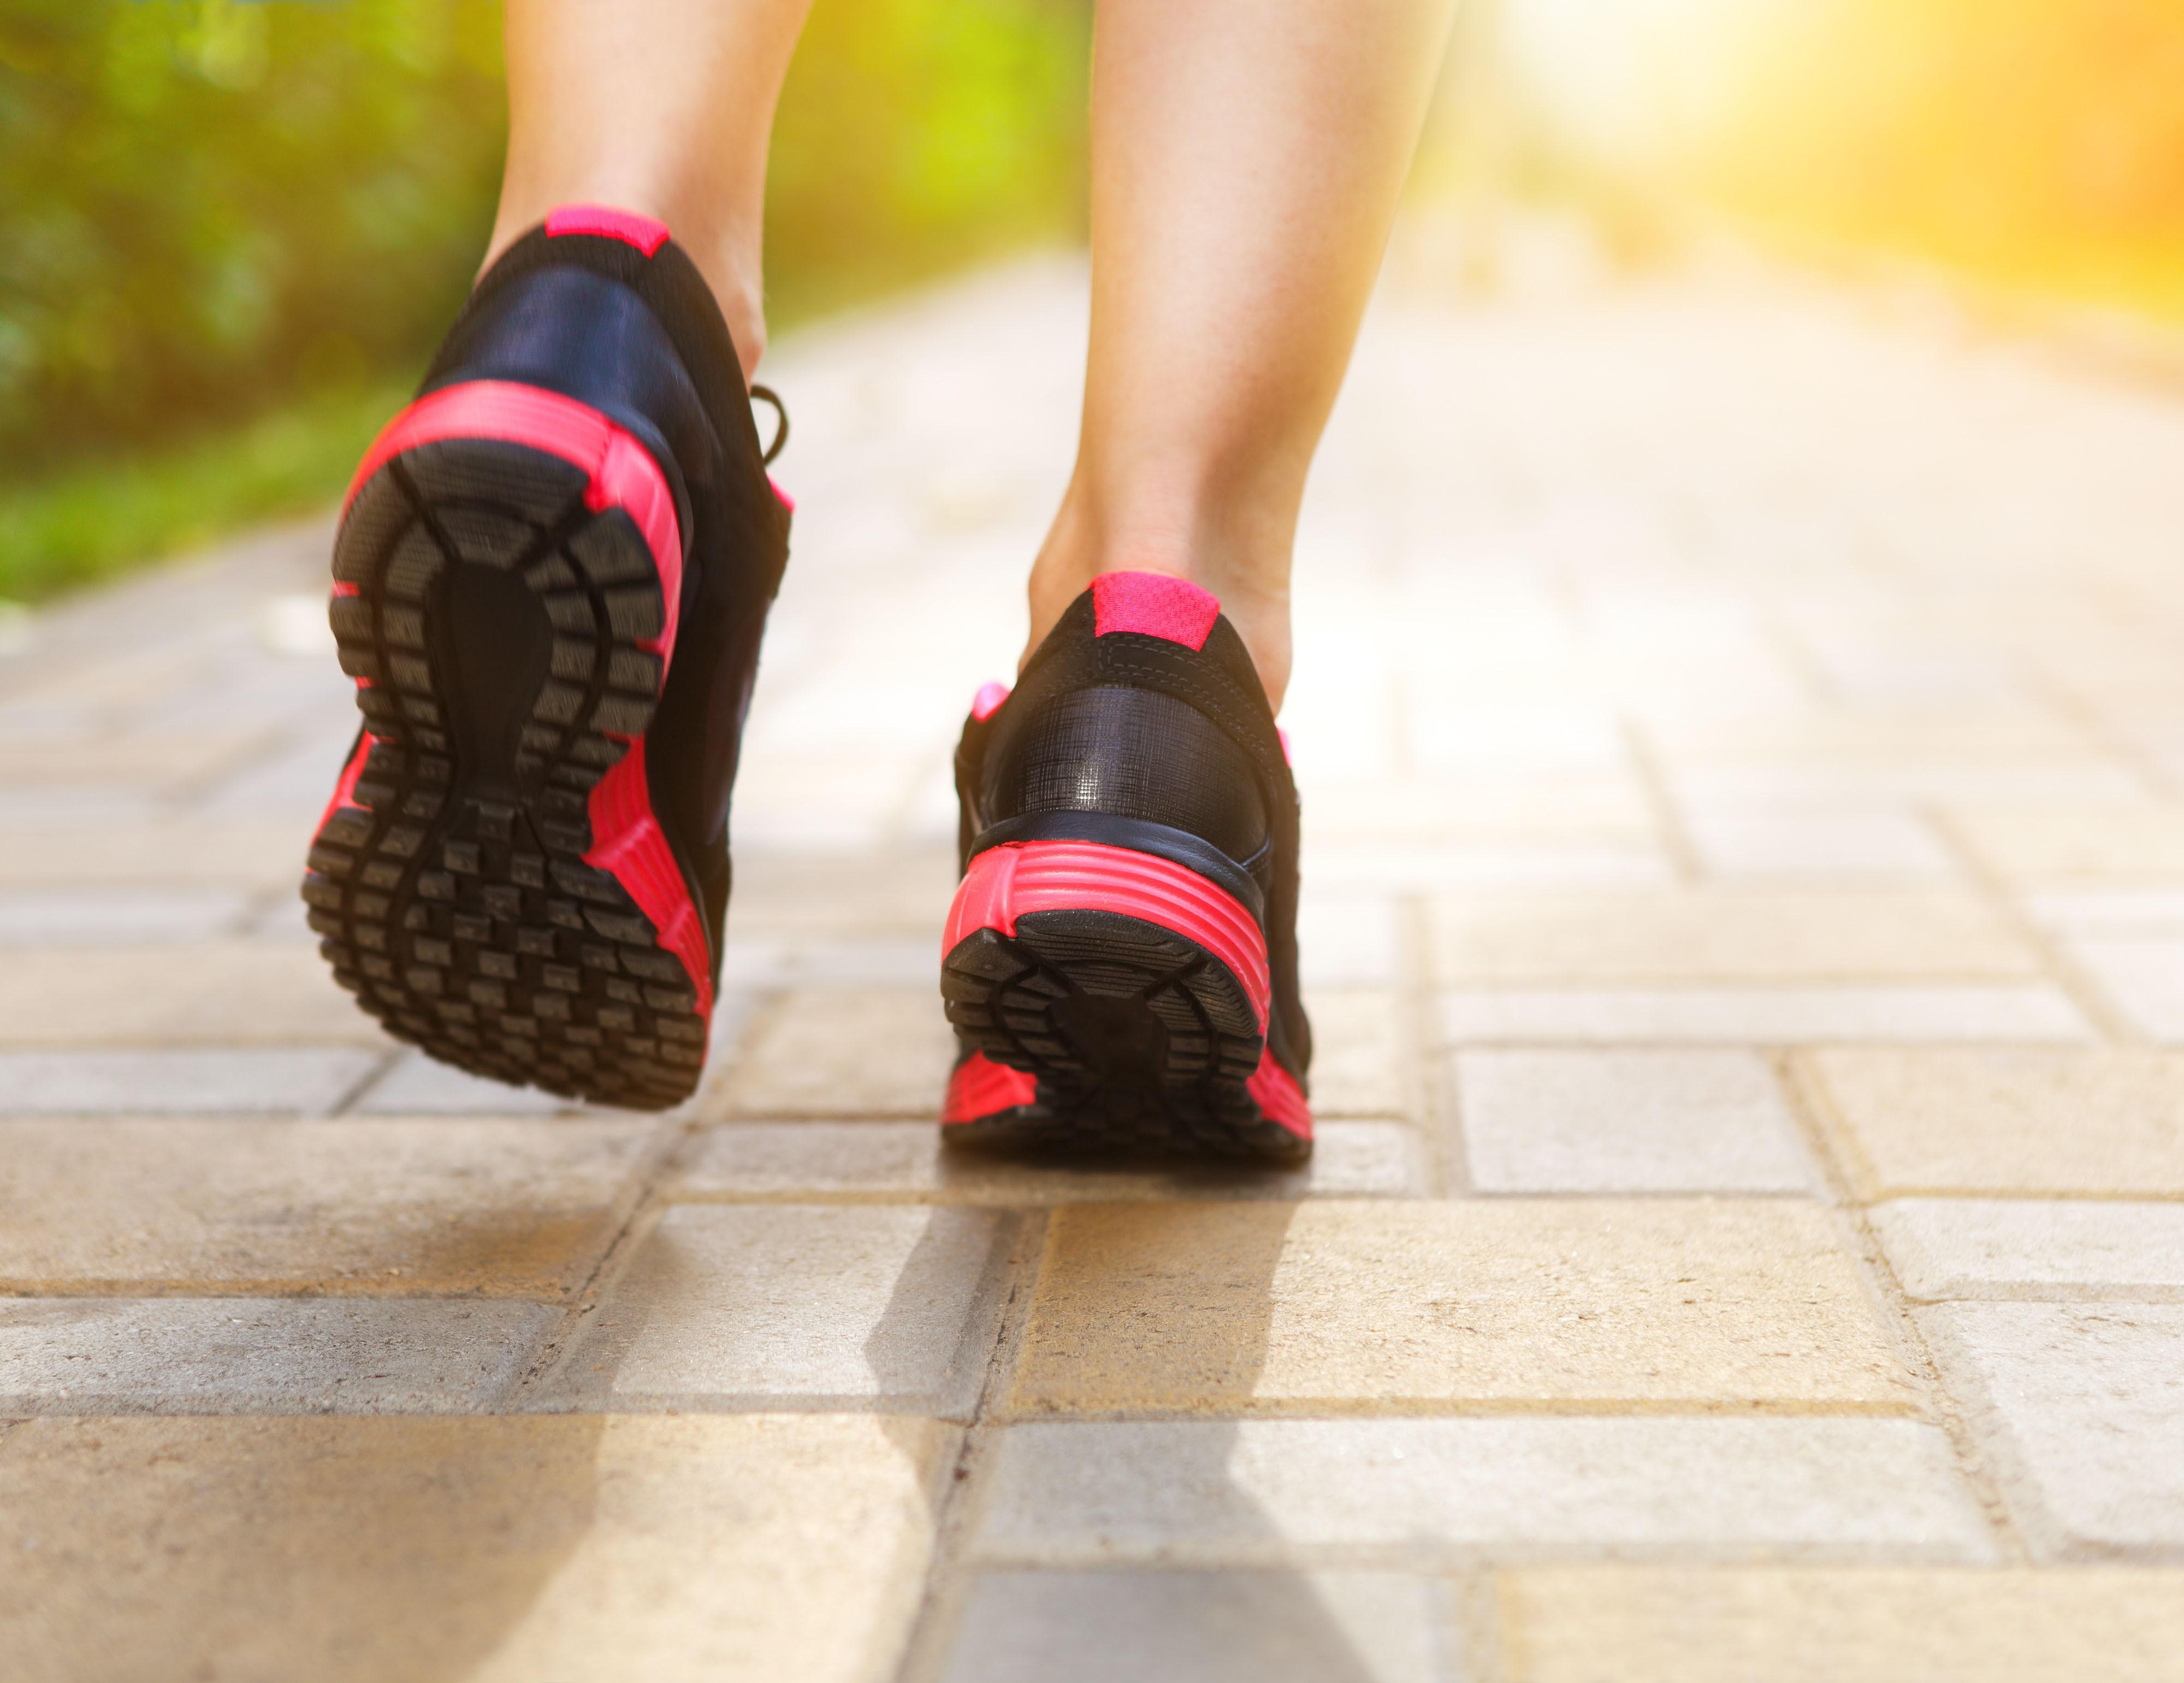 En la fascitis plantar, el calzado influye en la evolución del dolor plantar